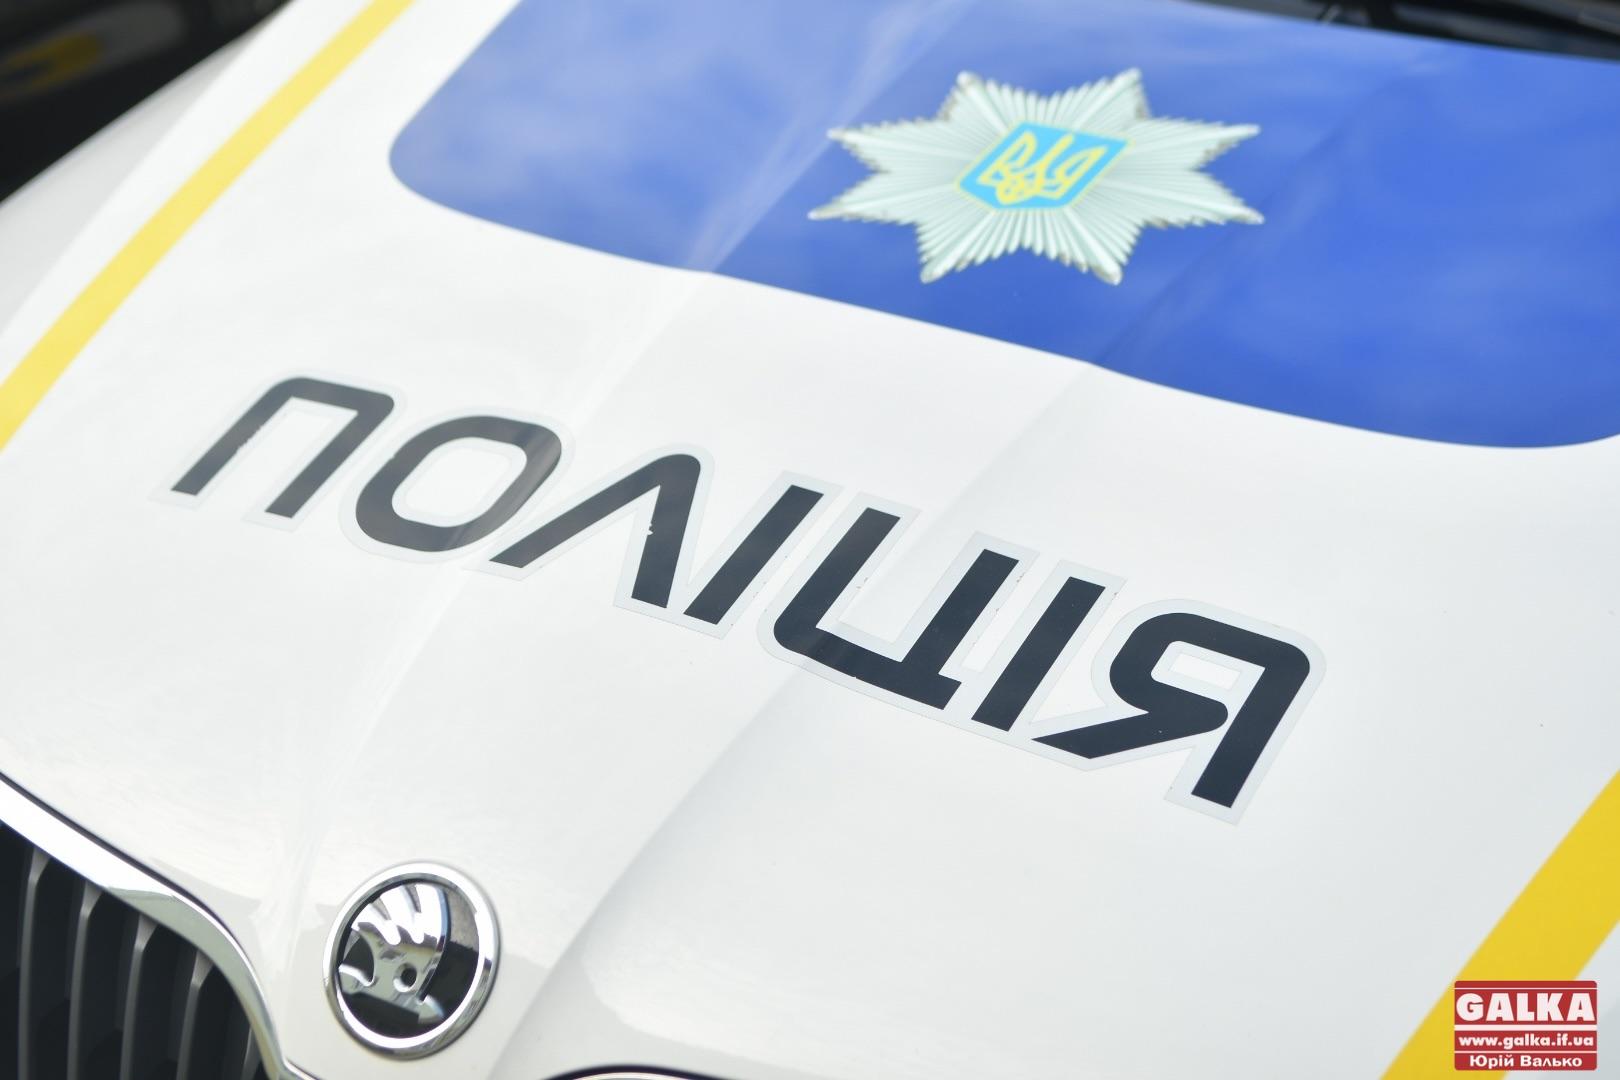 Надвірнянця, котрий помер у машині, перед цим зупинила поліція